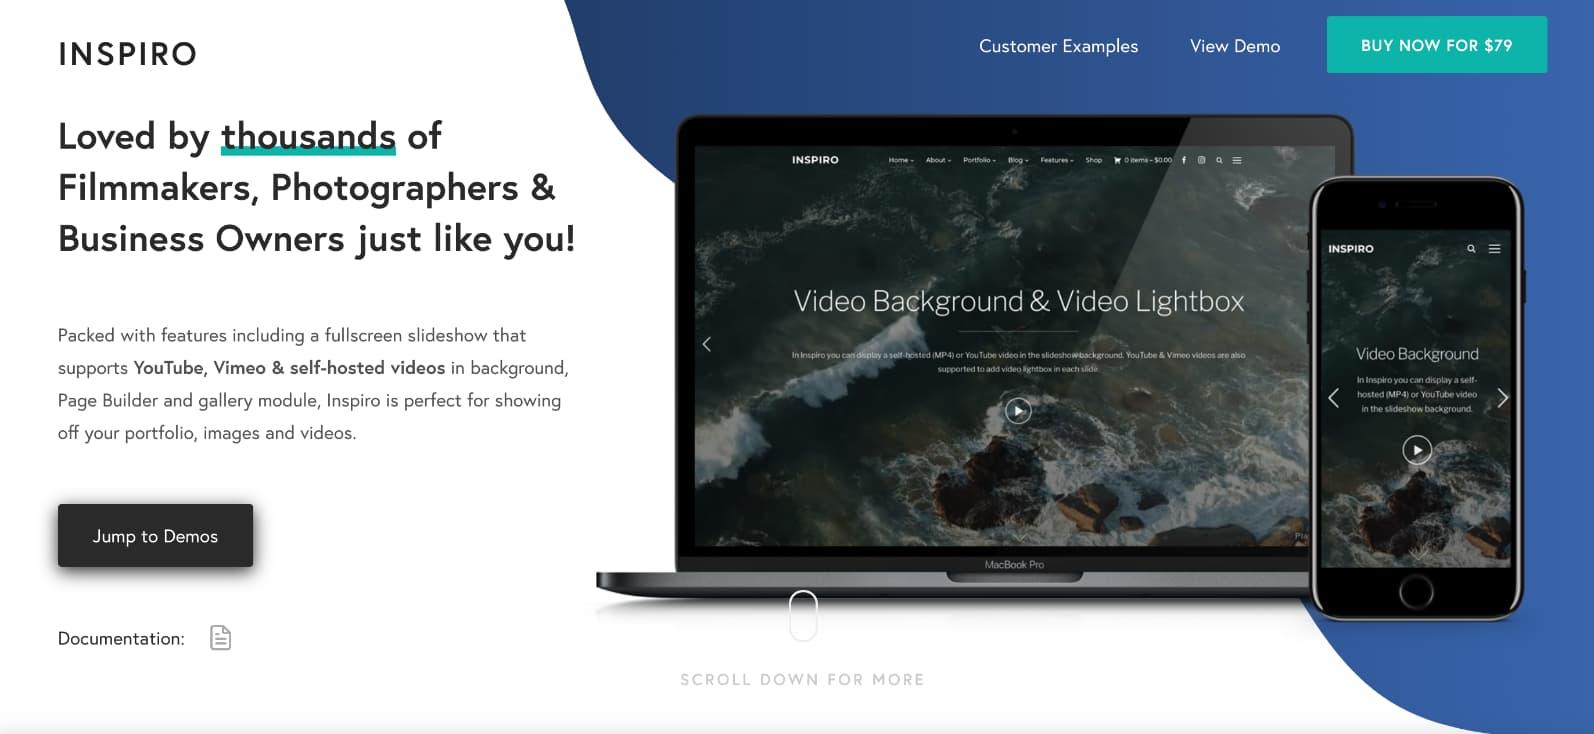 Inspiro WordPress theme